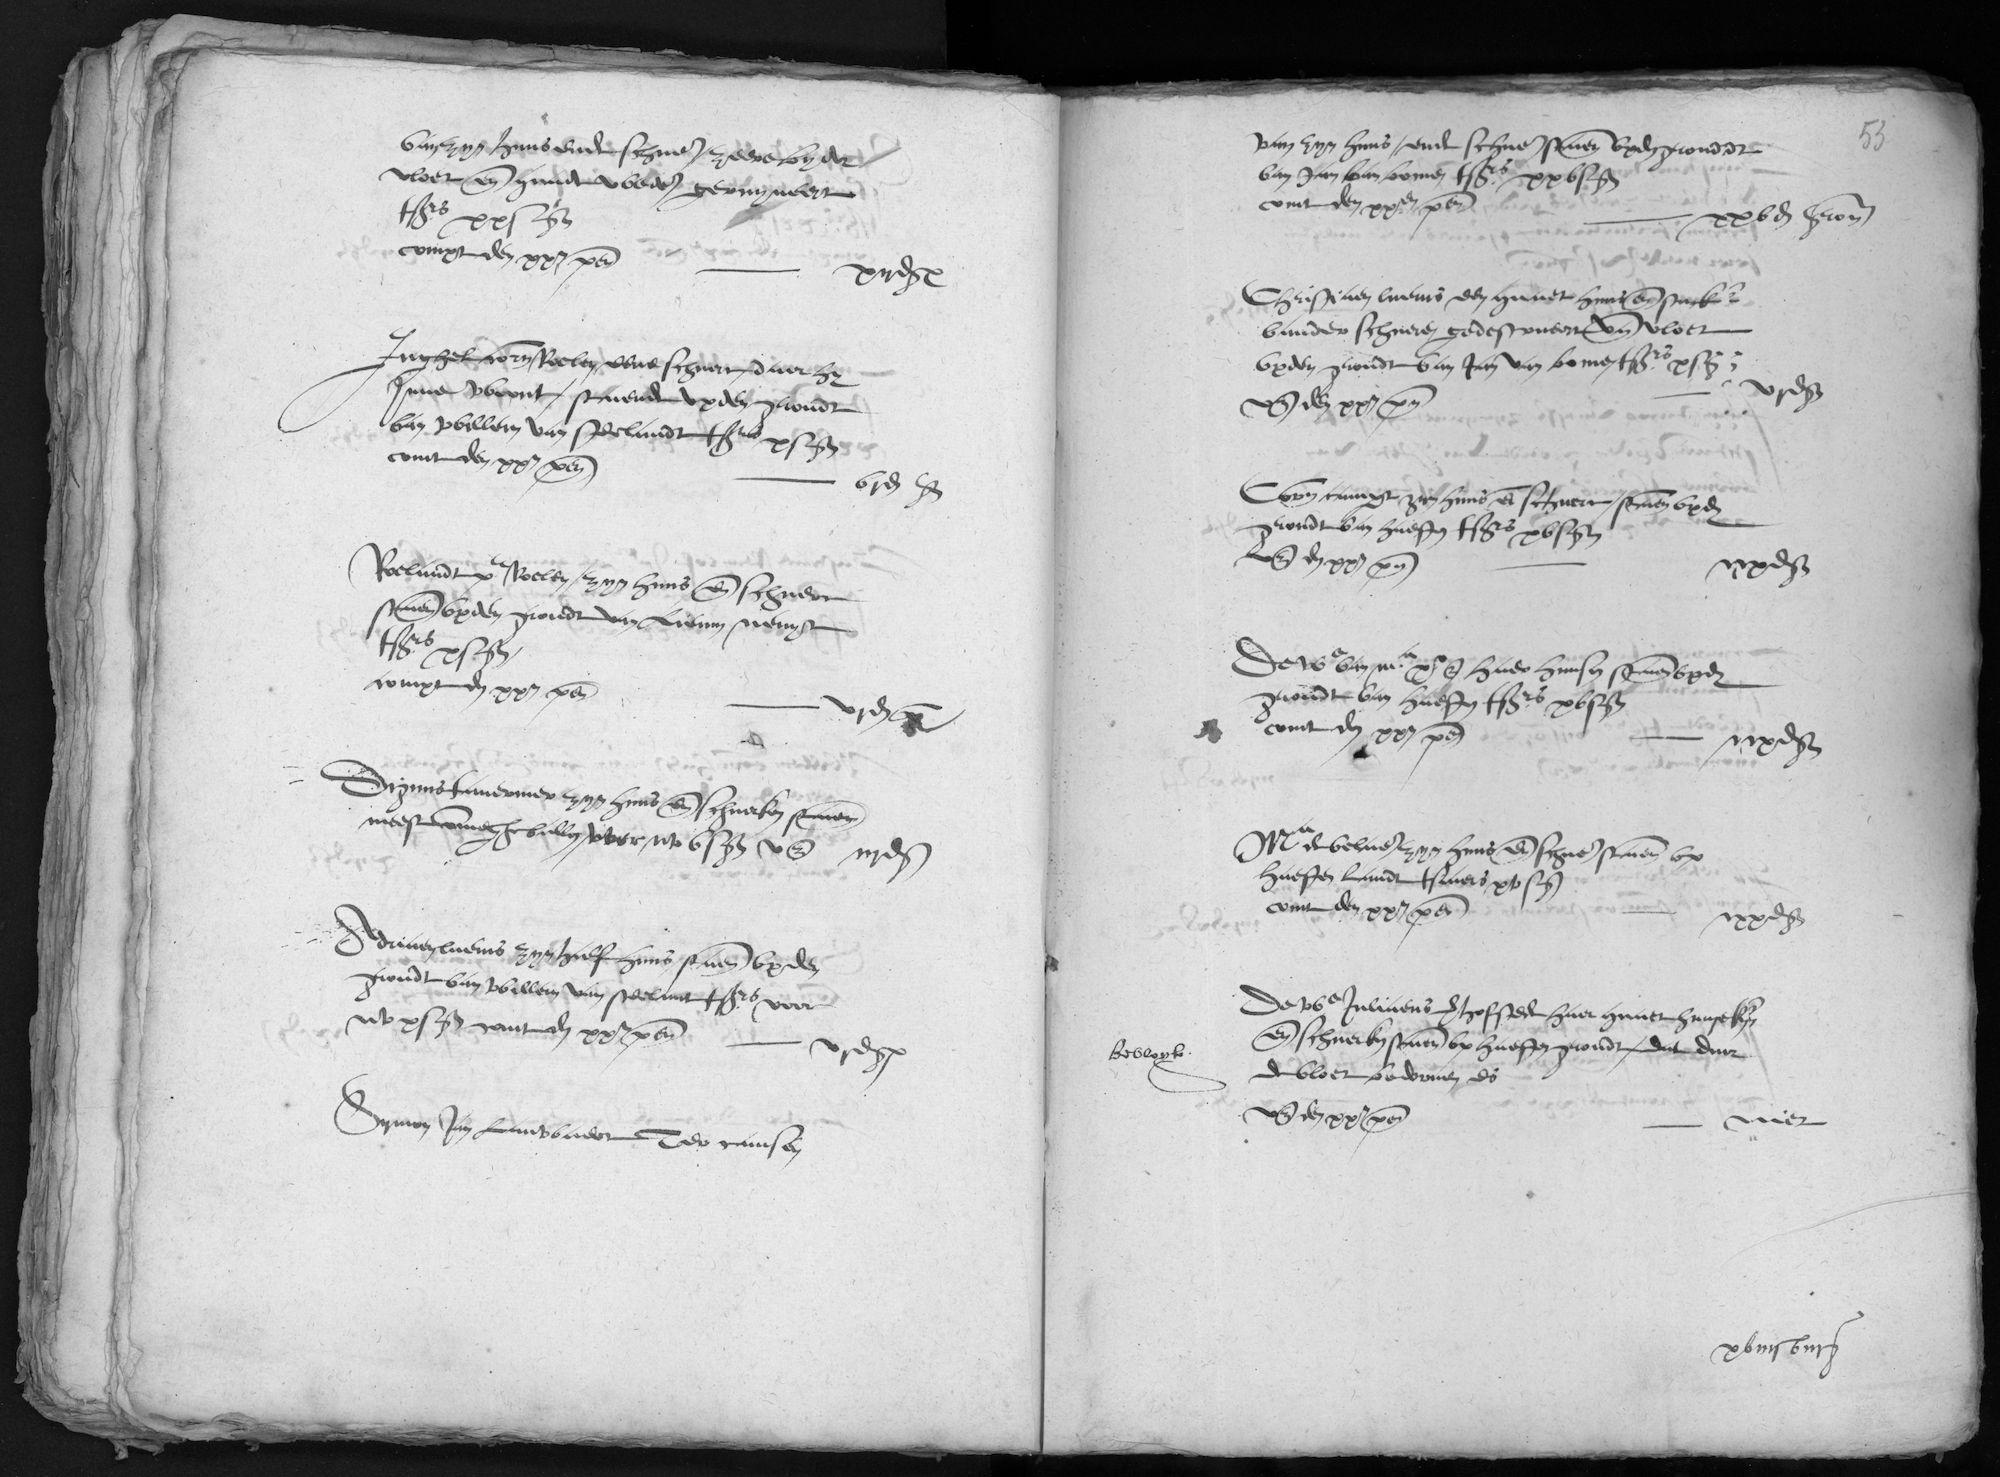 Penningkohier van Saaftinge, 1571